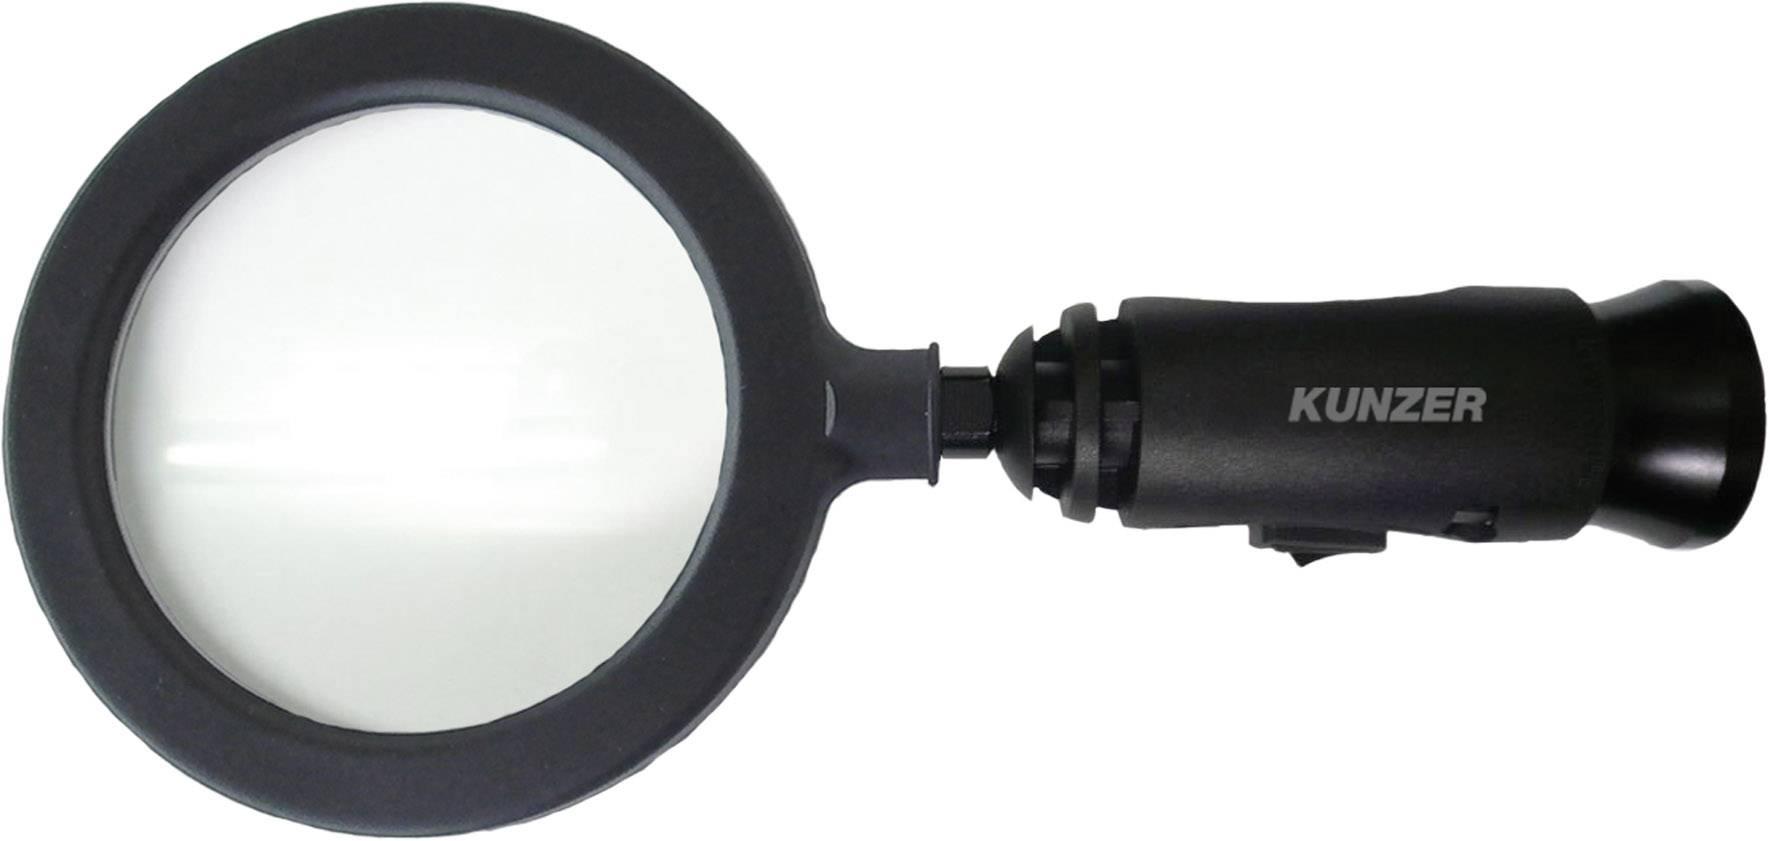 Vergrootglas Met LED-verlichting Lensgrootte: (Ø) 90 mm Zwart Kunzer ...